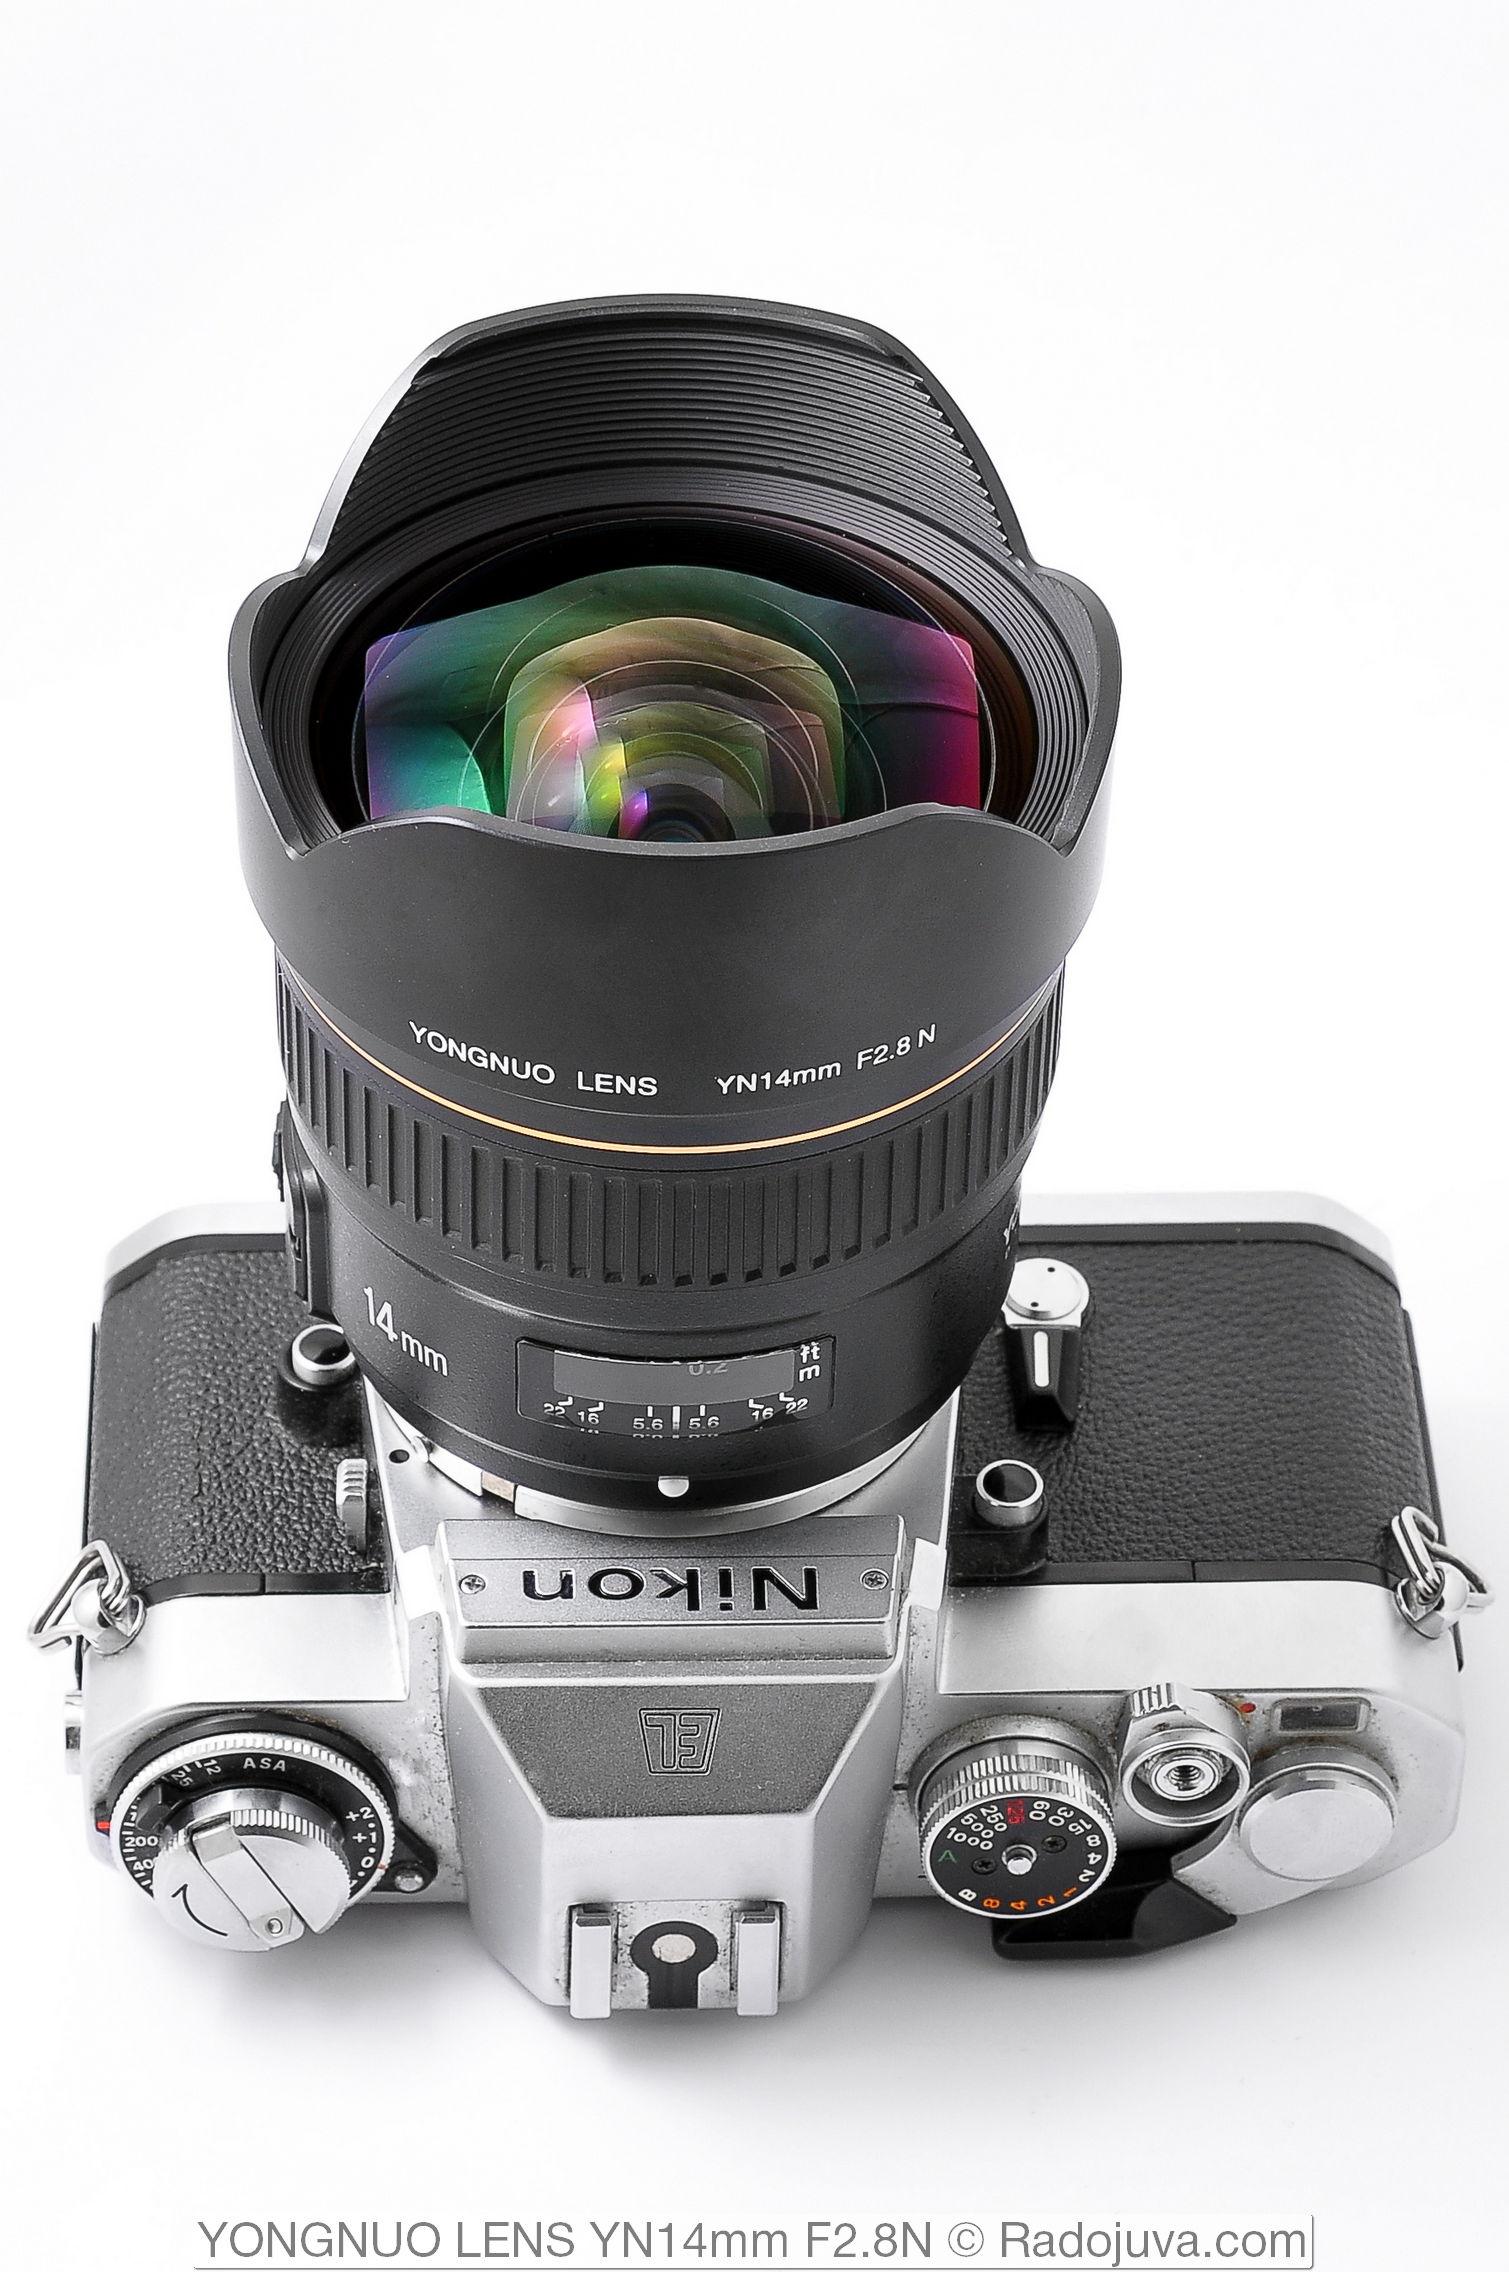 YONGNUO LENS YN 14mm F 2.8 N